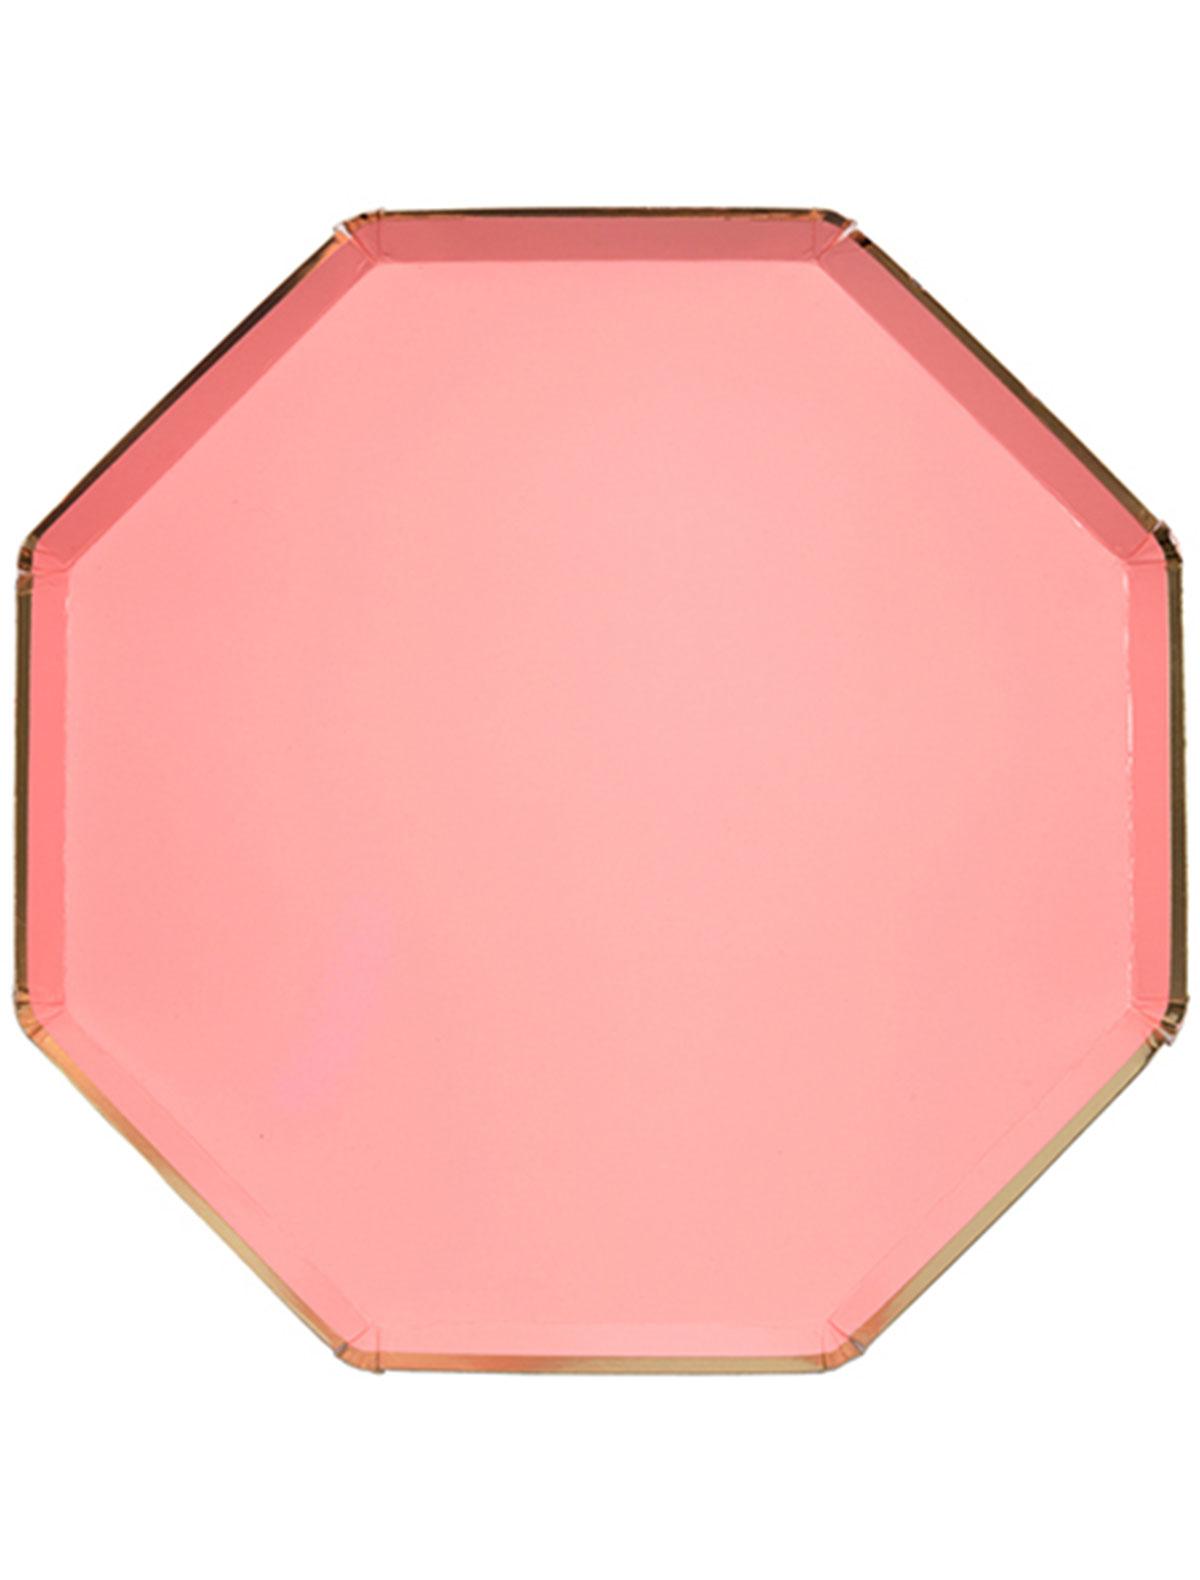 Набор посуды Meri Meri 2259951 розового цвета